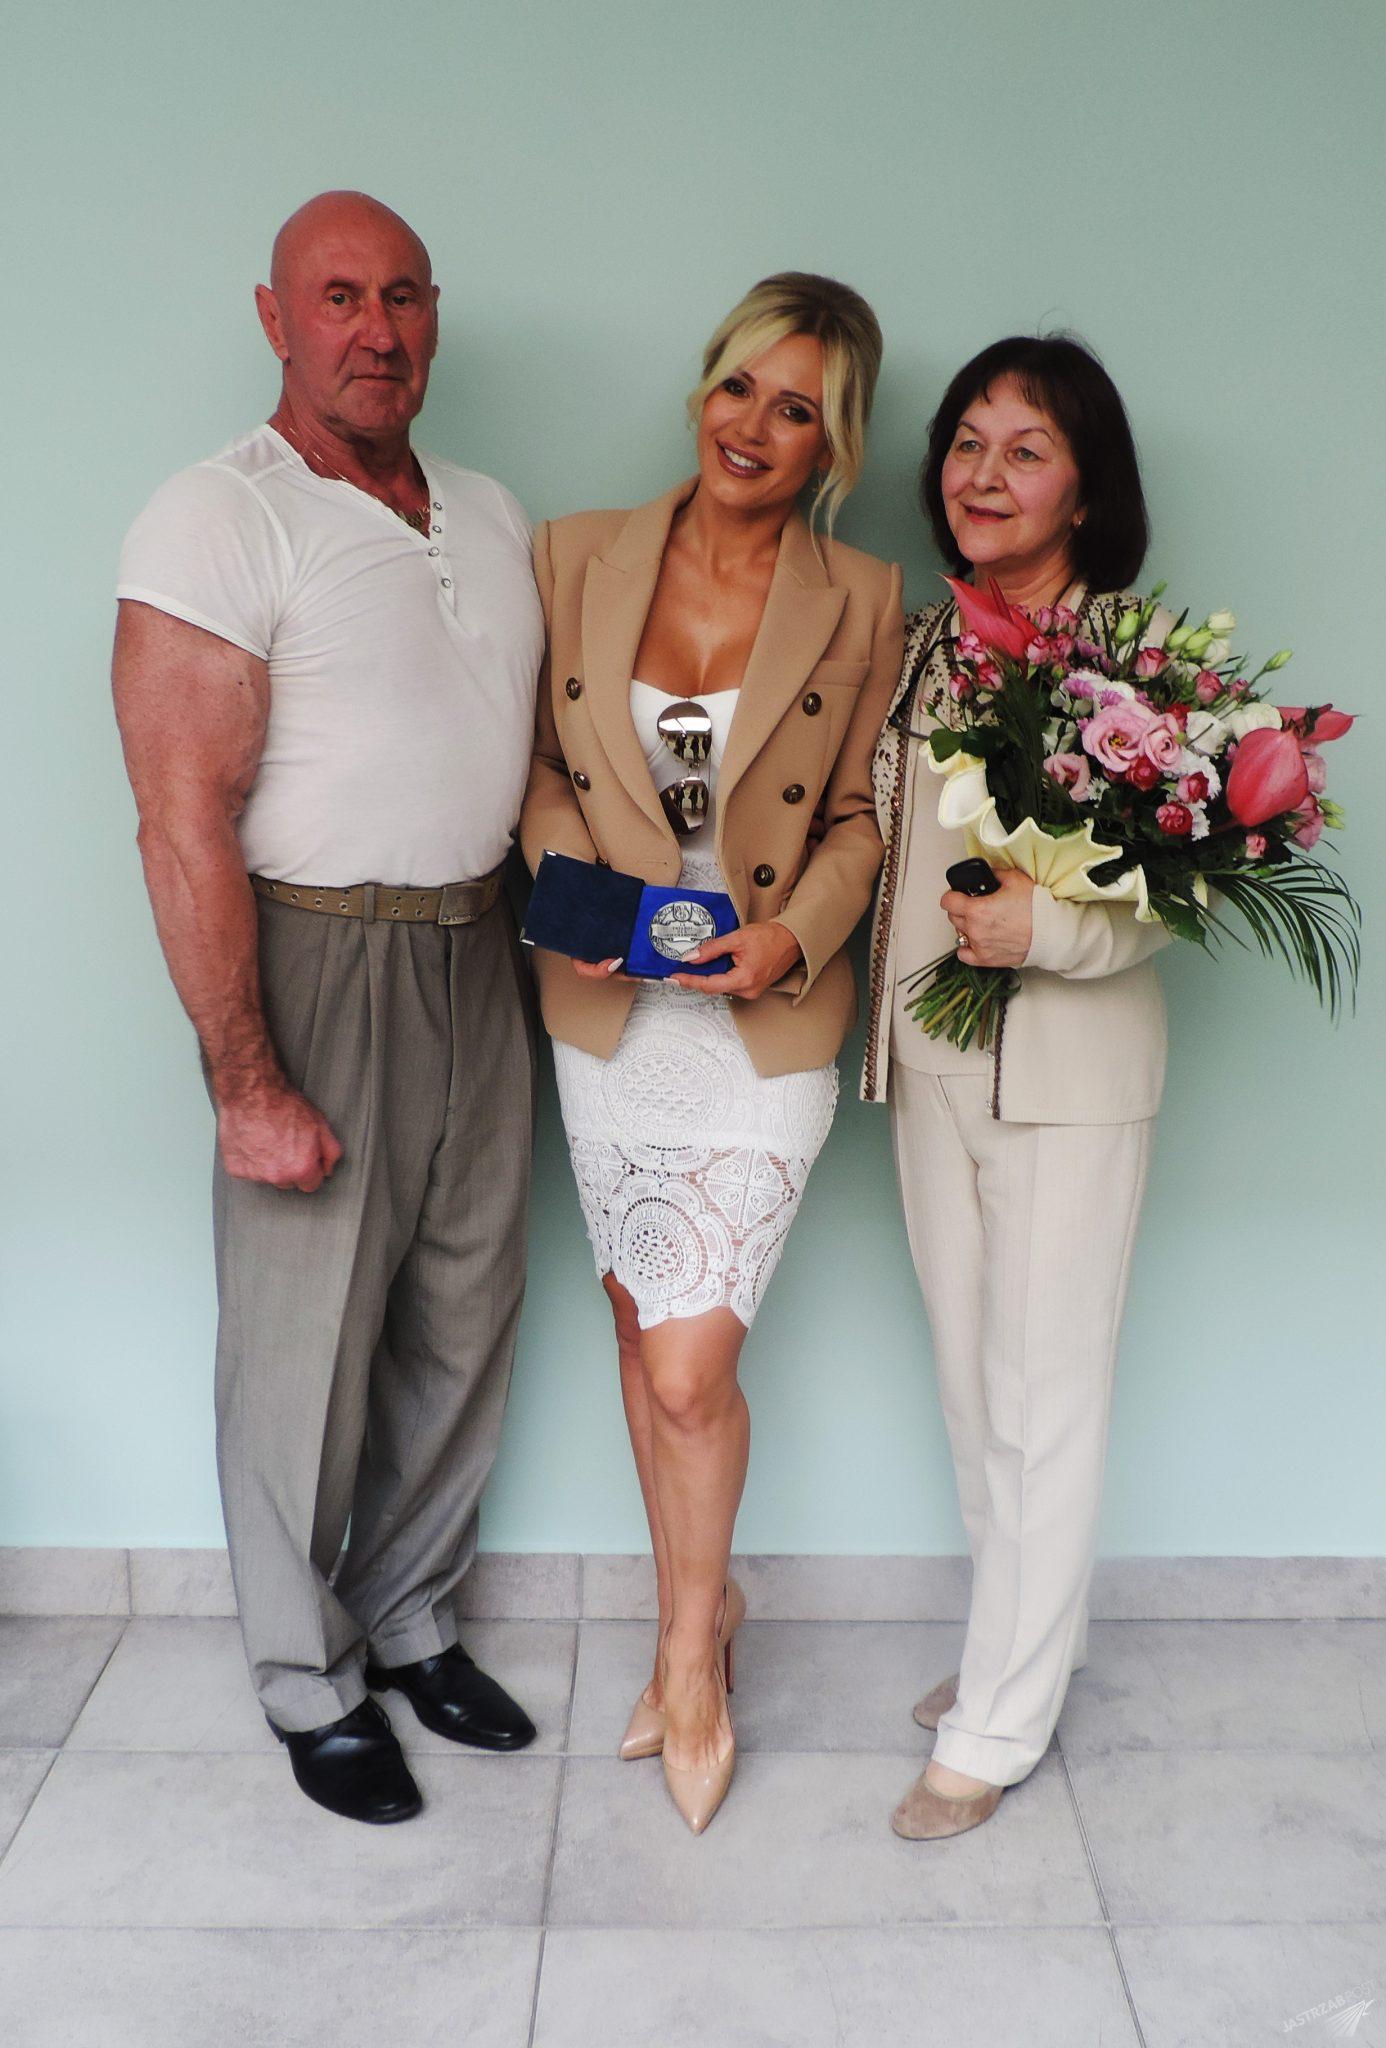 Doda z rodzicami po odebraniu medalu w Ciechanowie, wrzesień 2015